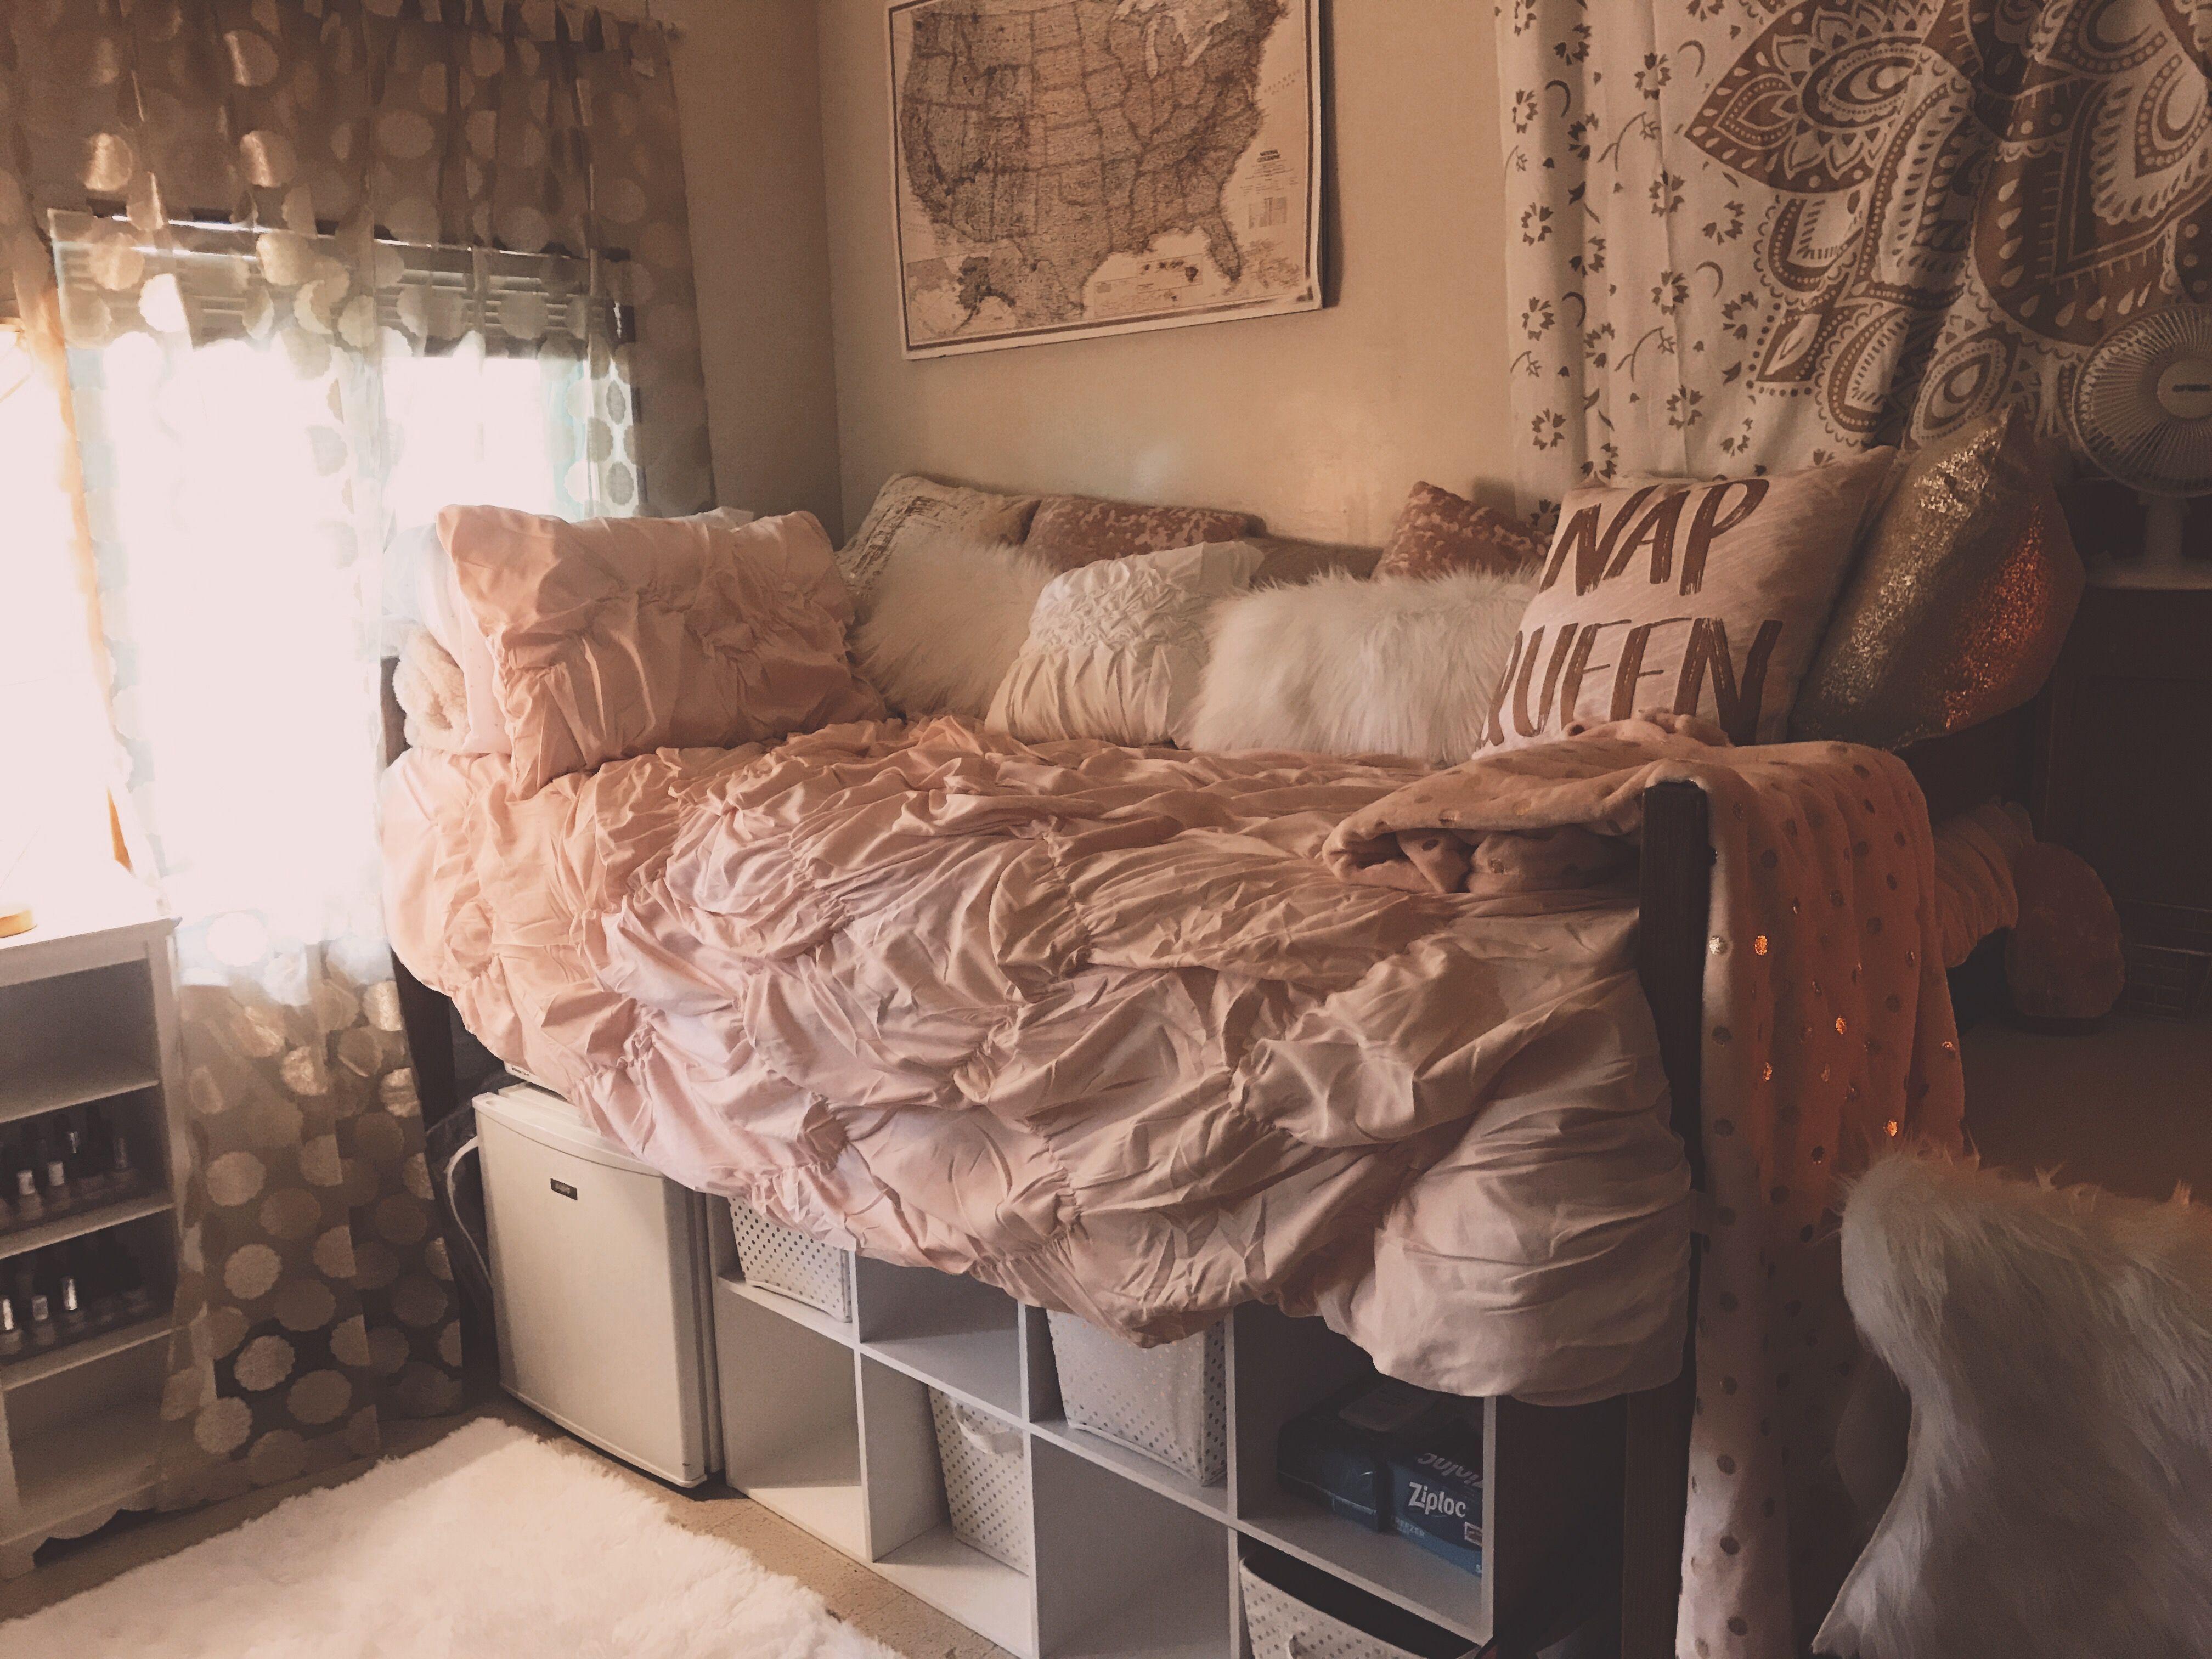 Pin by Maluhia Dureaux on dorm in 2019 Girl dorms